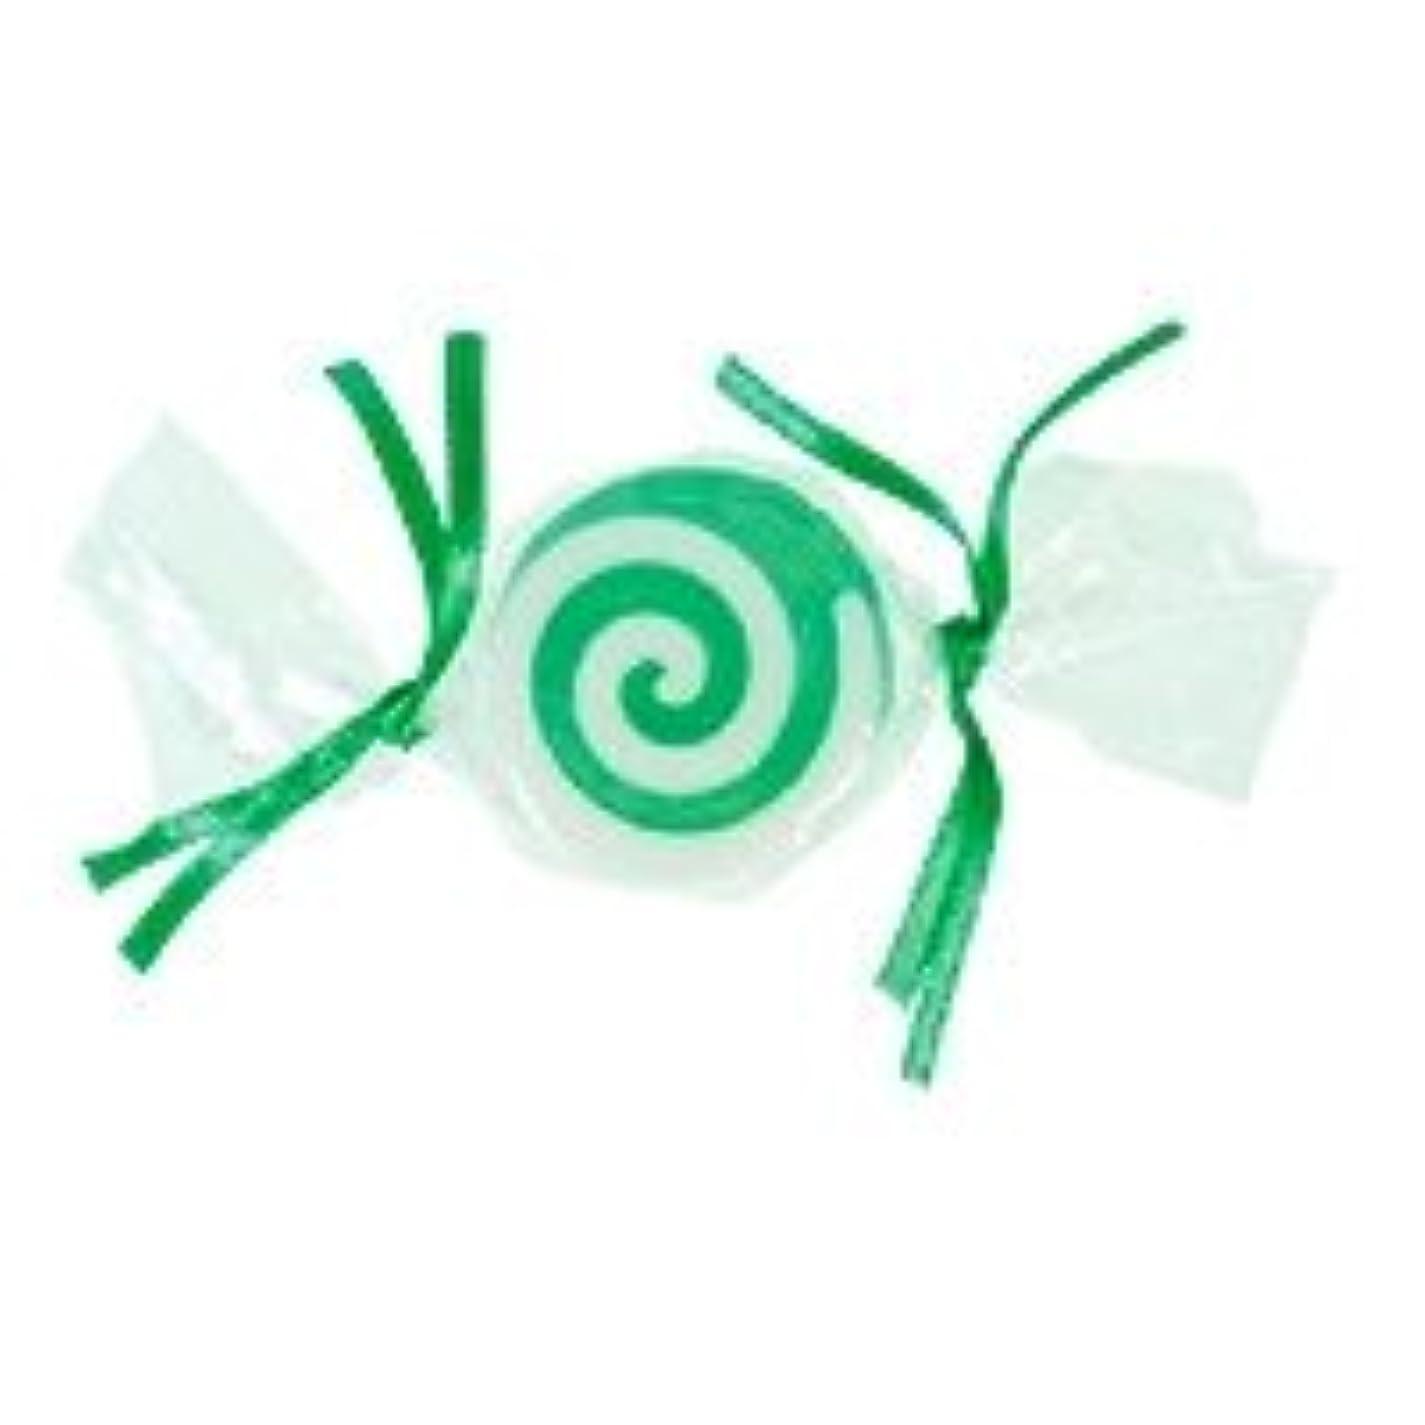 予防接種タイマースカリーベジタブルソープ キャンディ「グリーン」20個セット グリーンアップルの香り